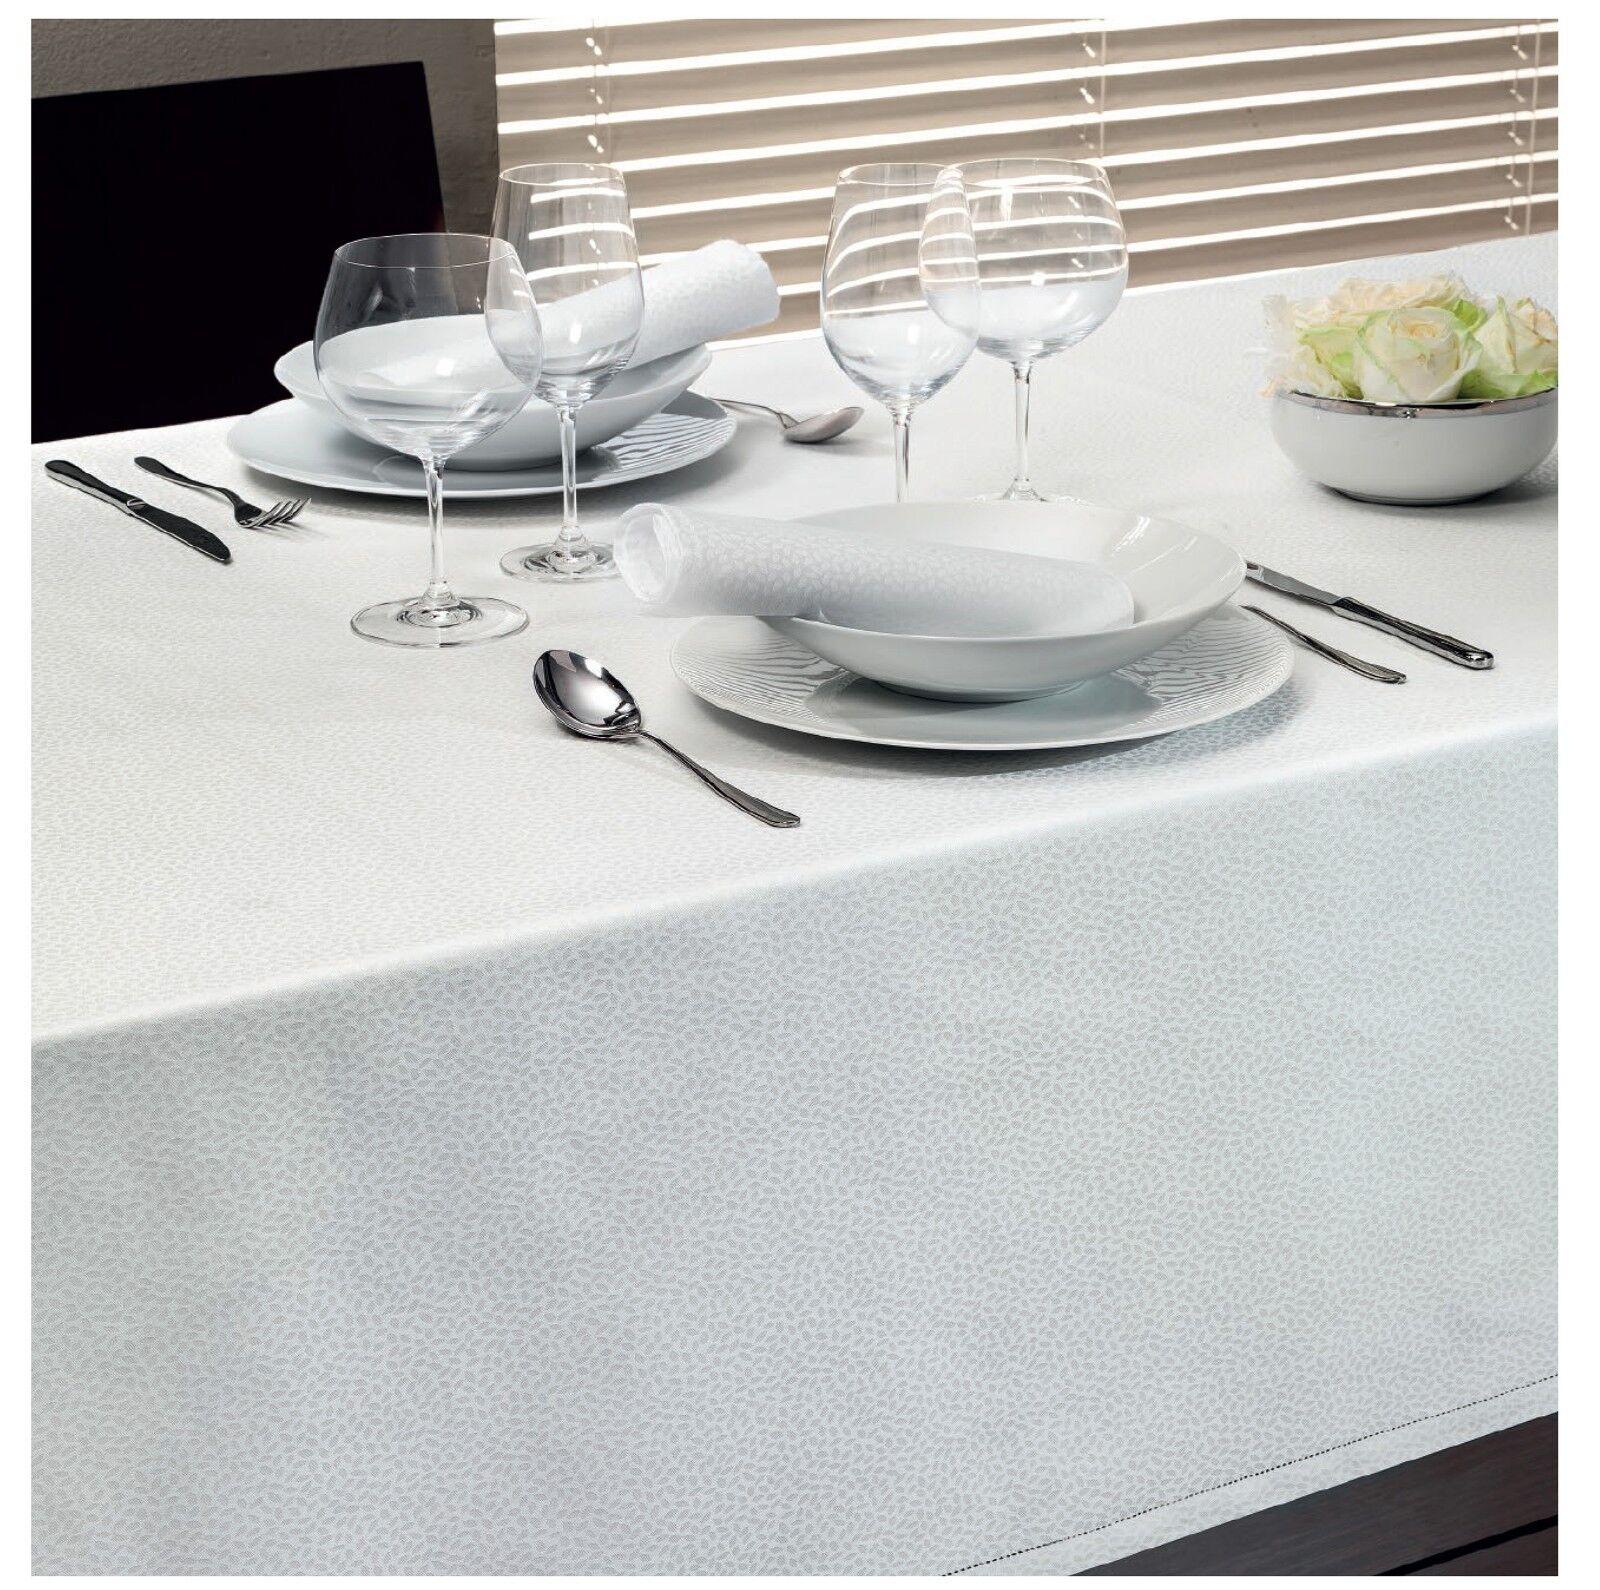 Servizio tavola tovaglia da 12 tovaglioli Jacquard di cotone VALLESUSA – Clichy